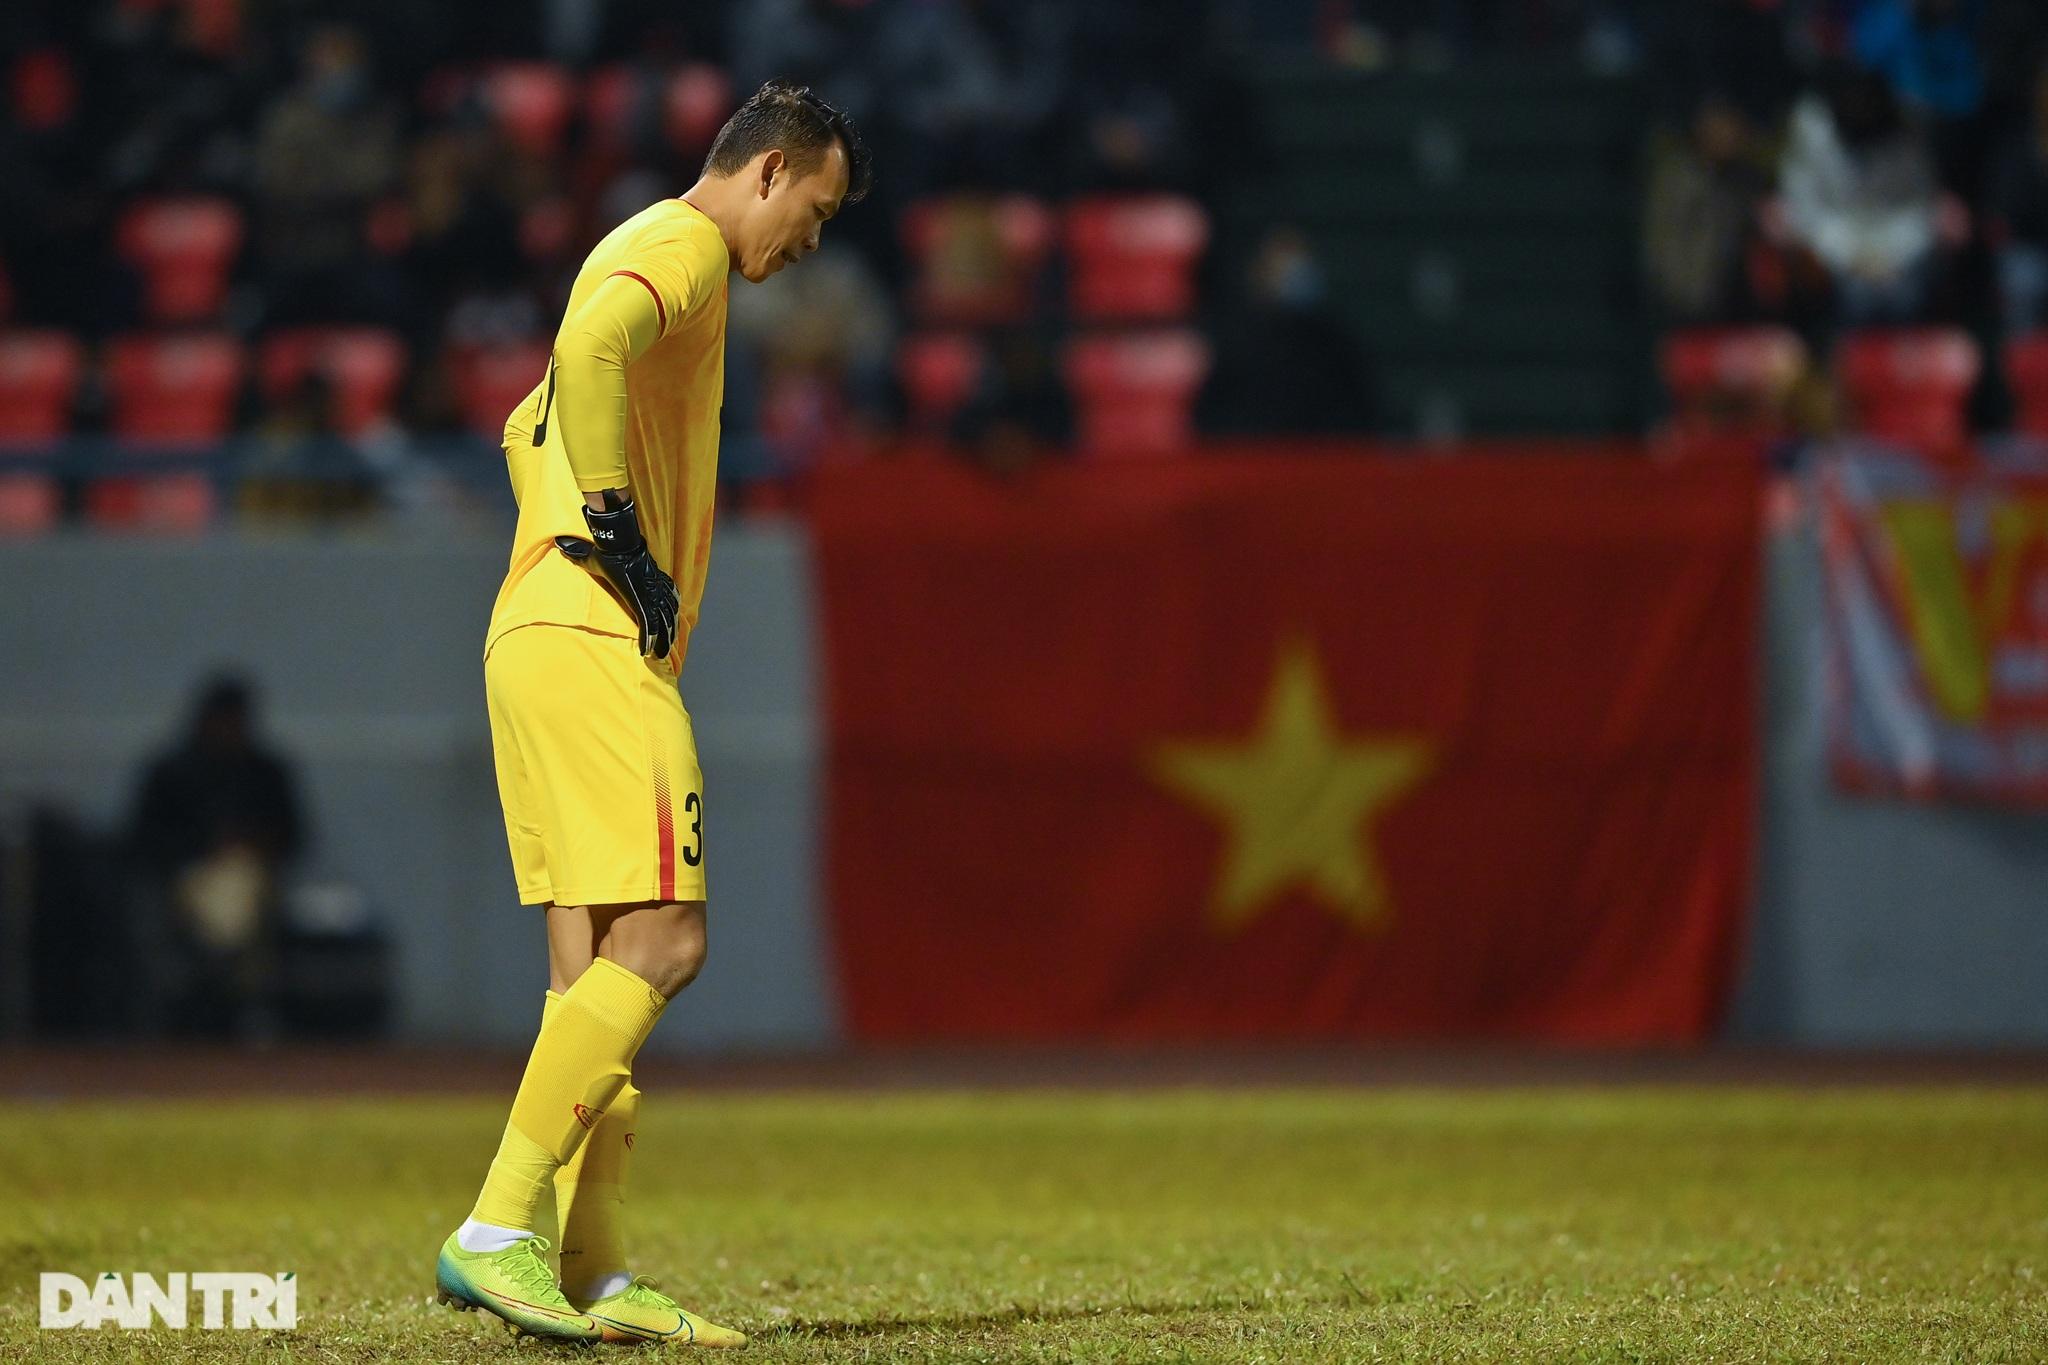 Văn Quyết ghi điểm trong chiến thắng của tuyển Việt Nam trước đàn em U22 - 14